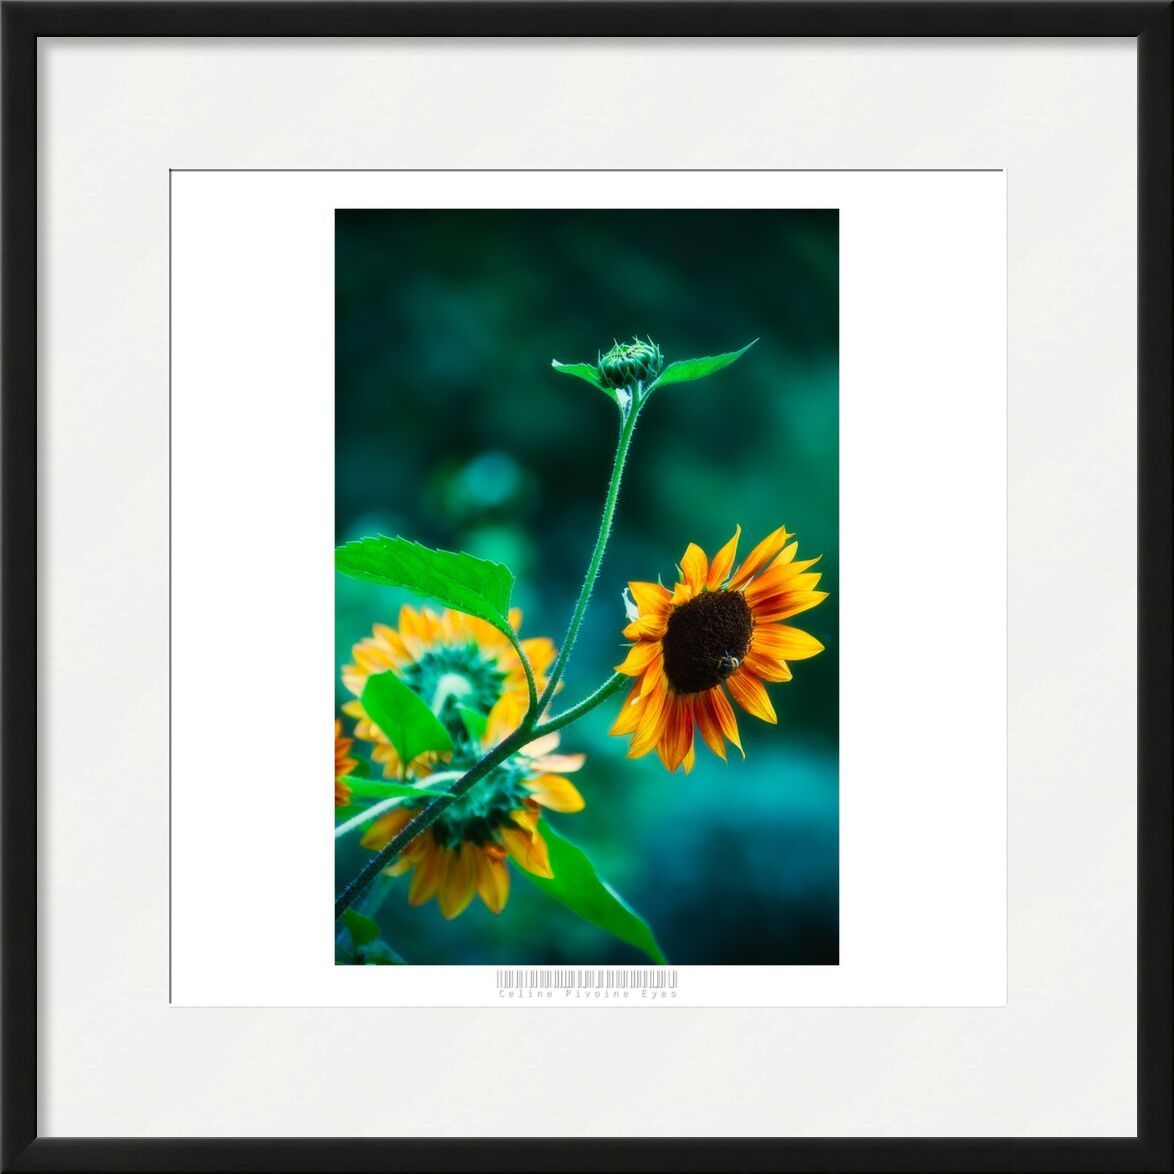 Le tournesol et l'abeille de Céline Pivoine Eyes, Prodi Art, plante, nature, abeille, insecte, jardin, jaune, fleurs, tournesol